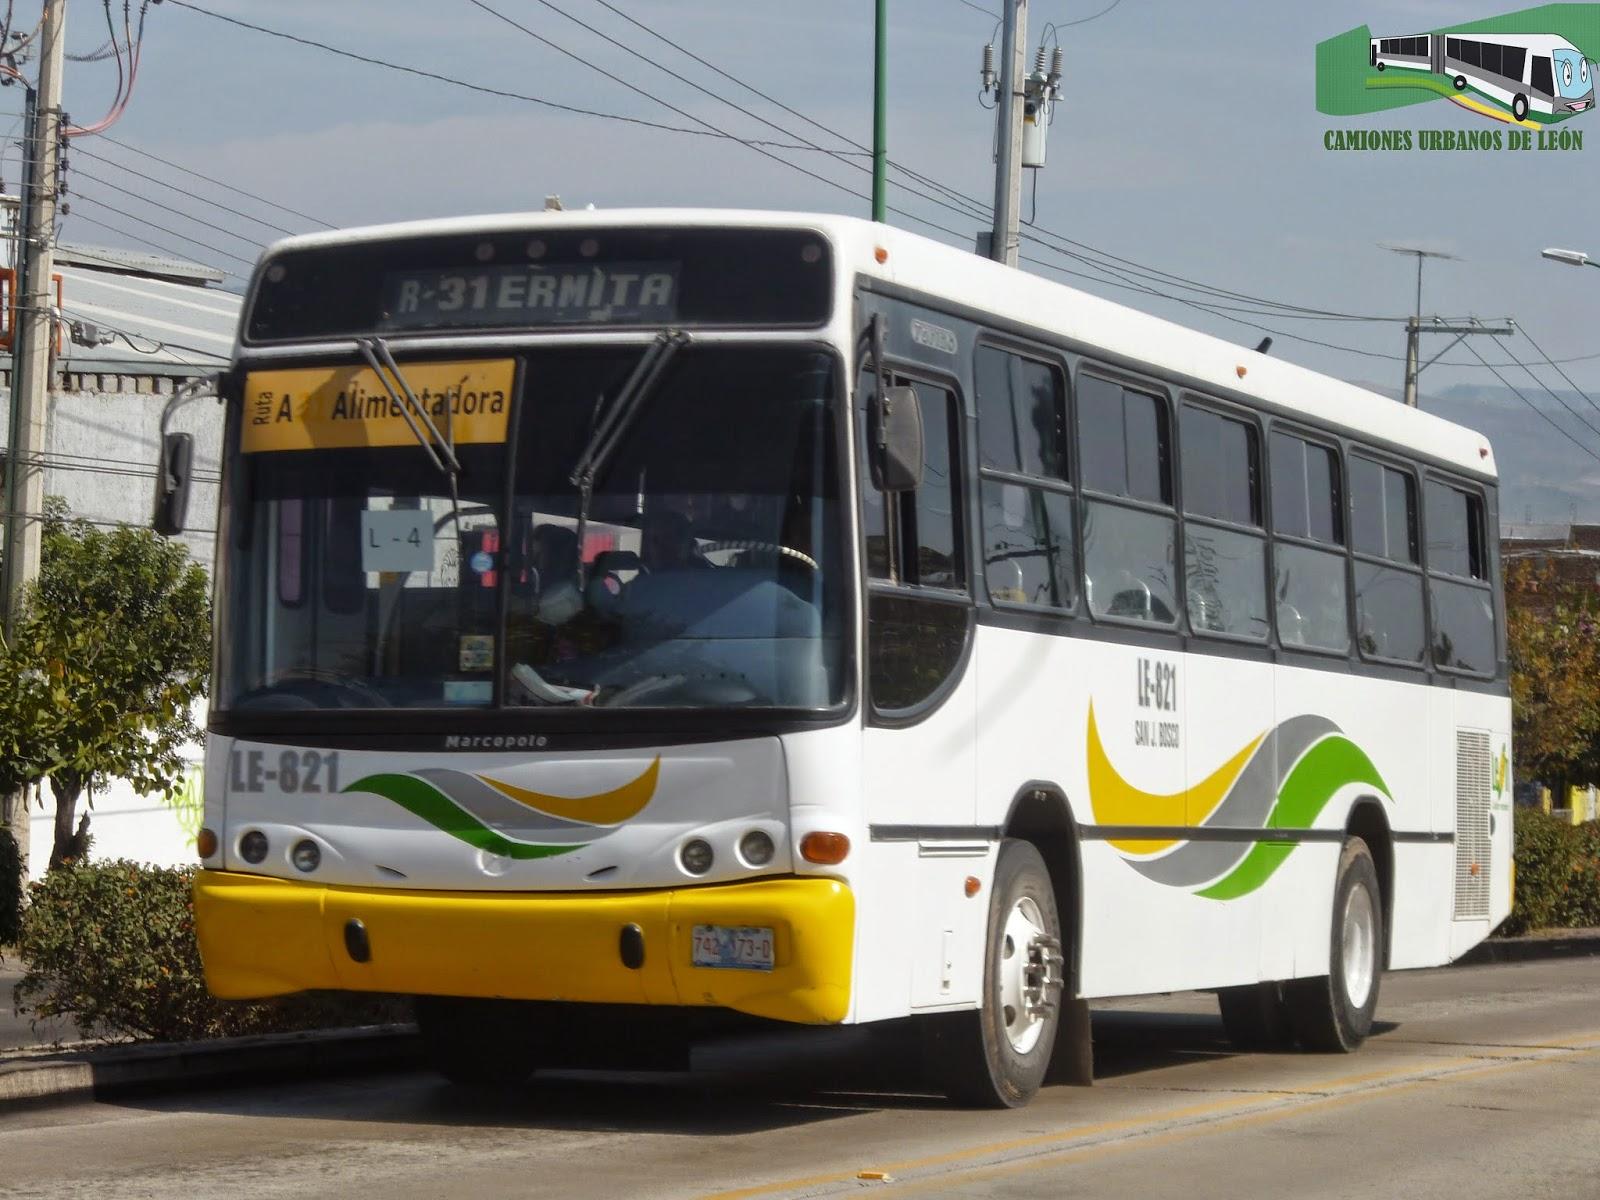 Camiones Urbanos de León, Guanajuato.: enero 2015